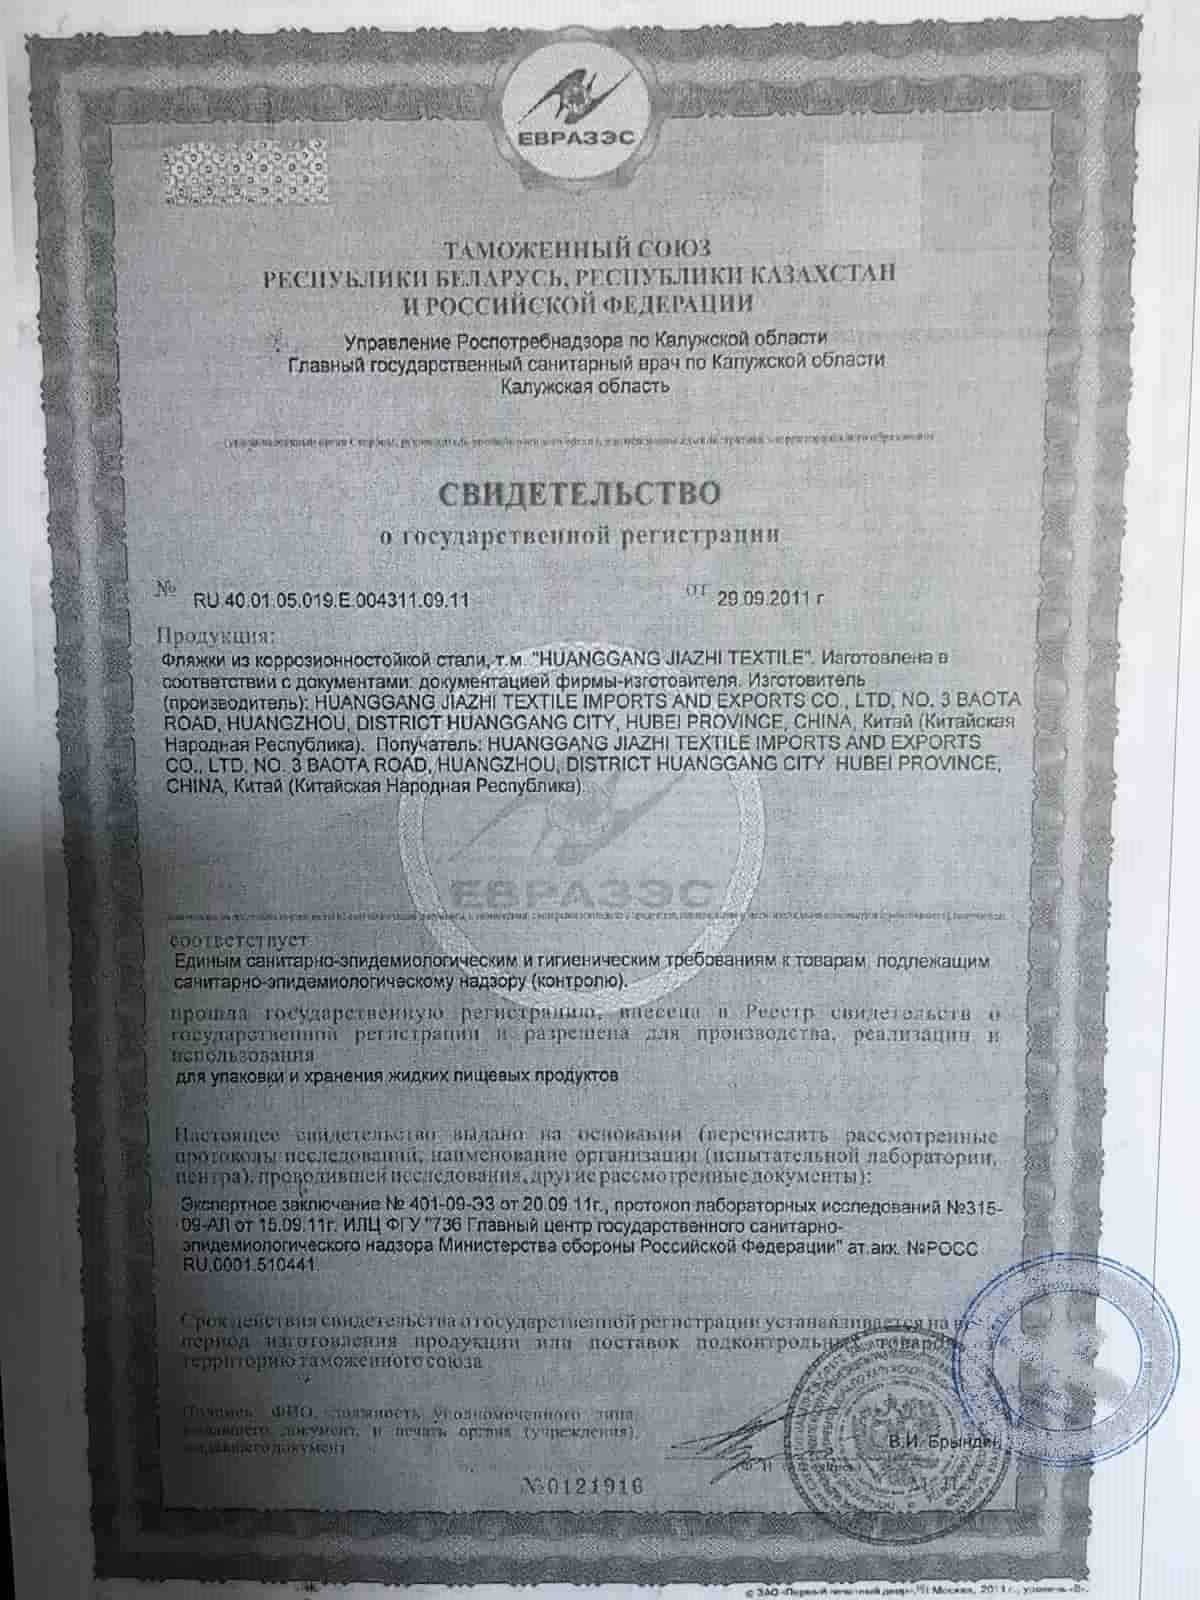 сертификат на подарки №13